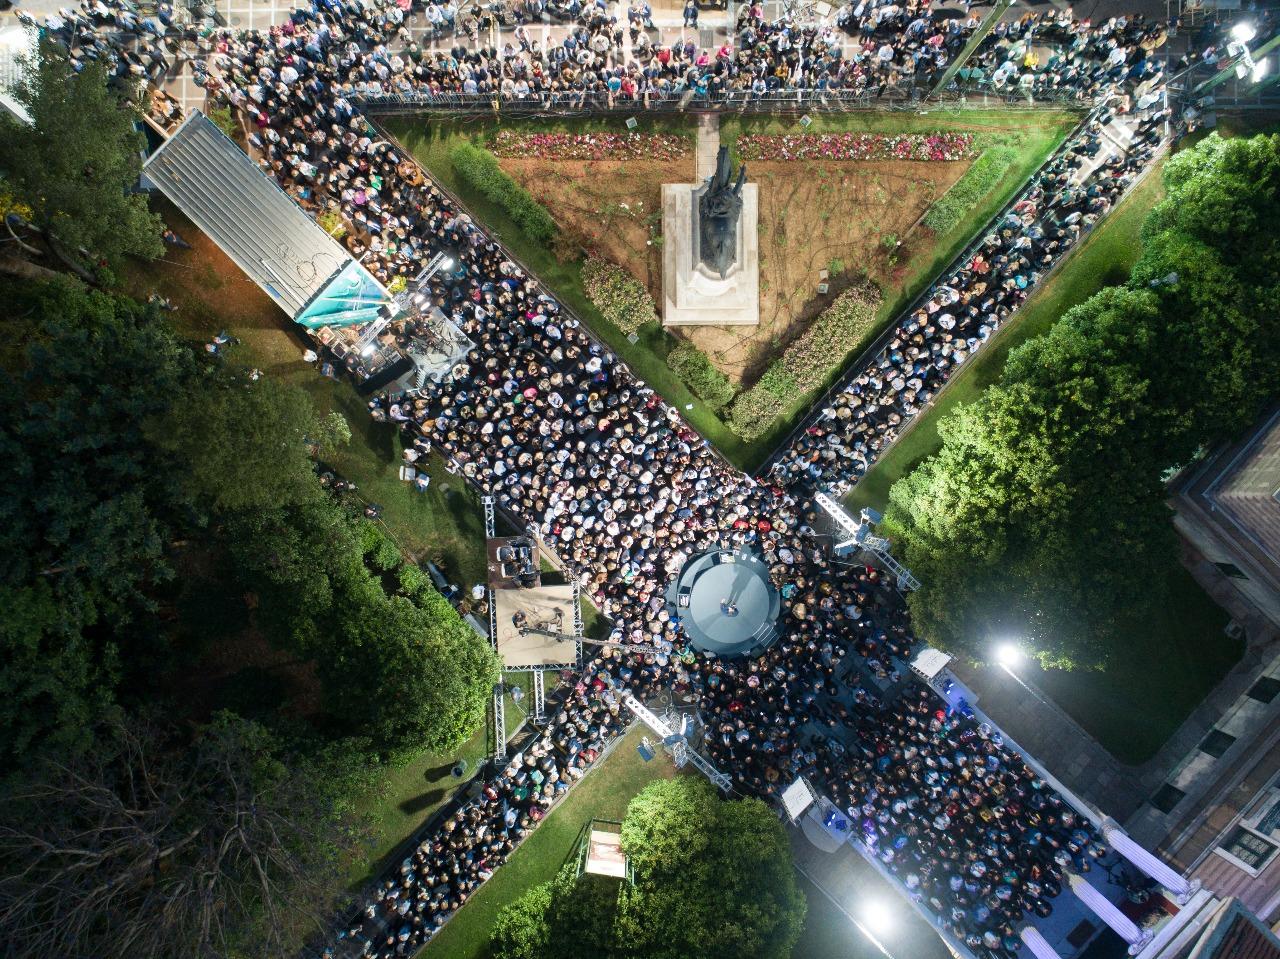 Φωτογραφία από drone της κεντρικής προεκλογικής συγκέντρωσης του Κώστα Μπακογιάννη